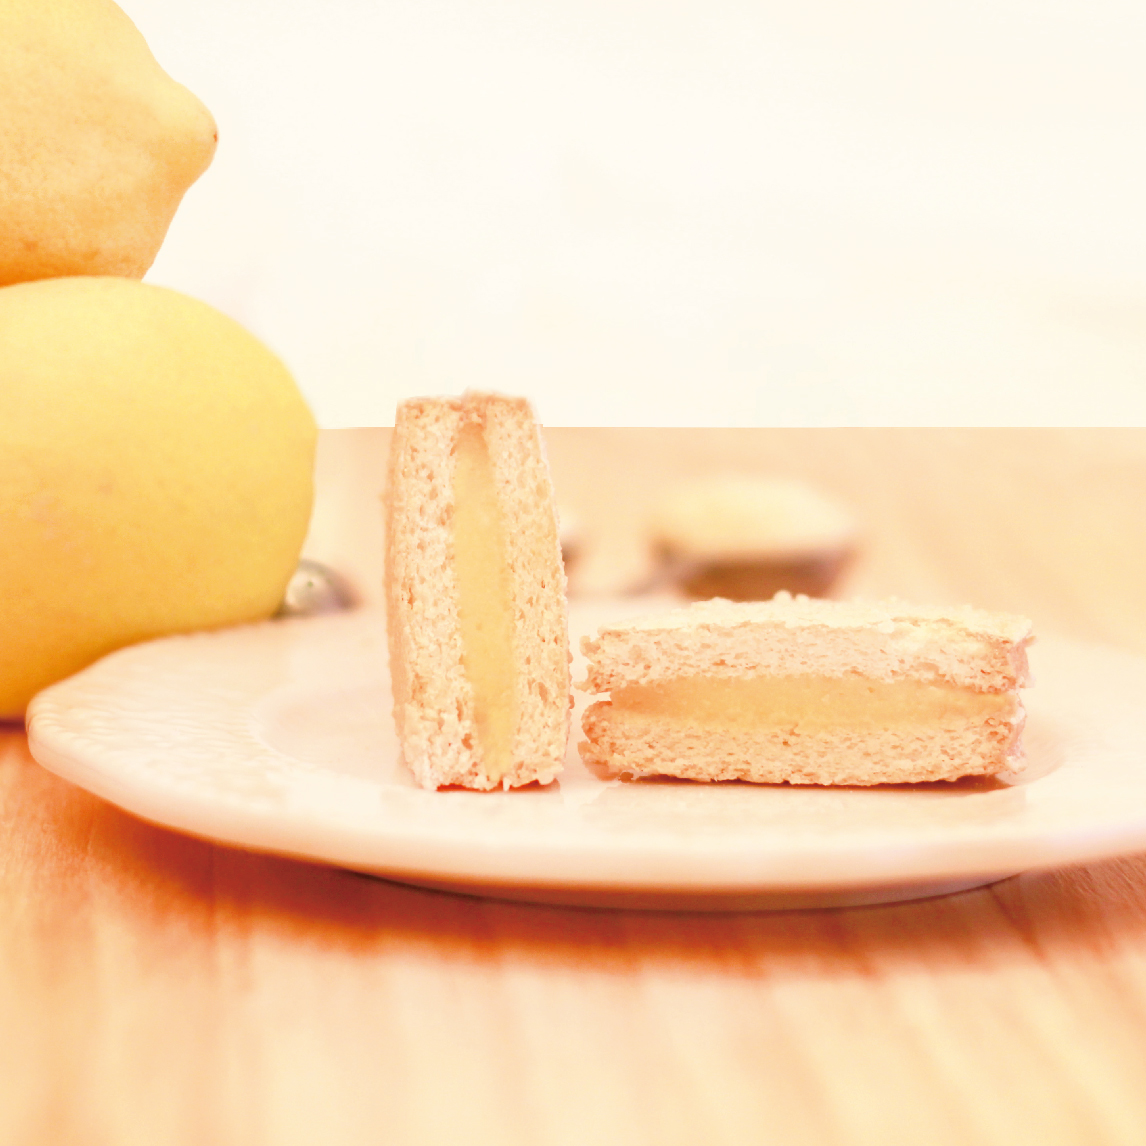 ★ 法式檸檬達克瓦茲 ★達克瓦茲 DACQUOISE 法國百年甜點 由高級進口杏仁粉製作,似馬卡龍但又不會甜膩,外酥內軟充滿天然杏仁香氣 + 100%原汁檸檬餡,酸酸甜甜的好滋味~